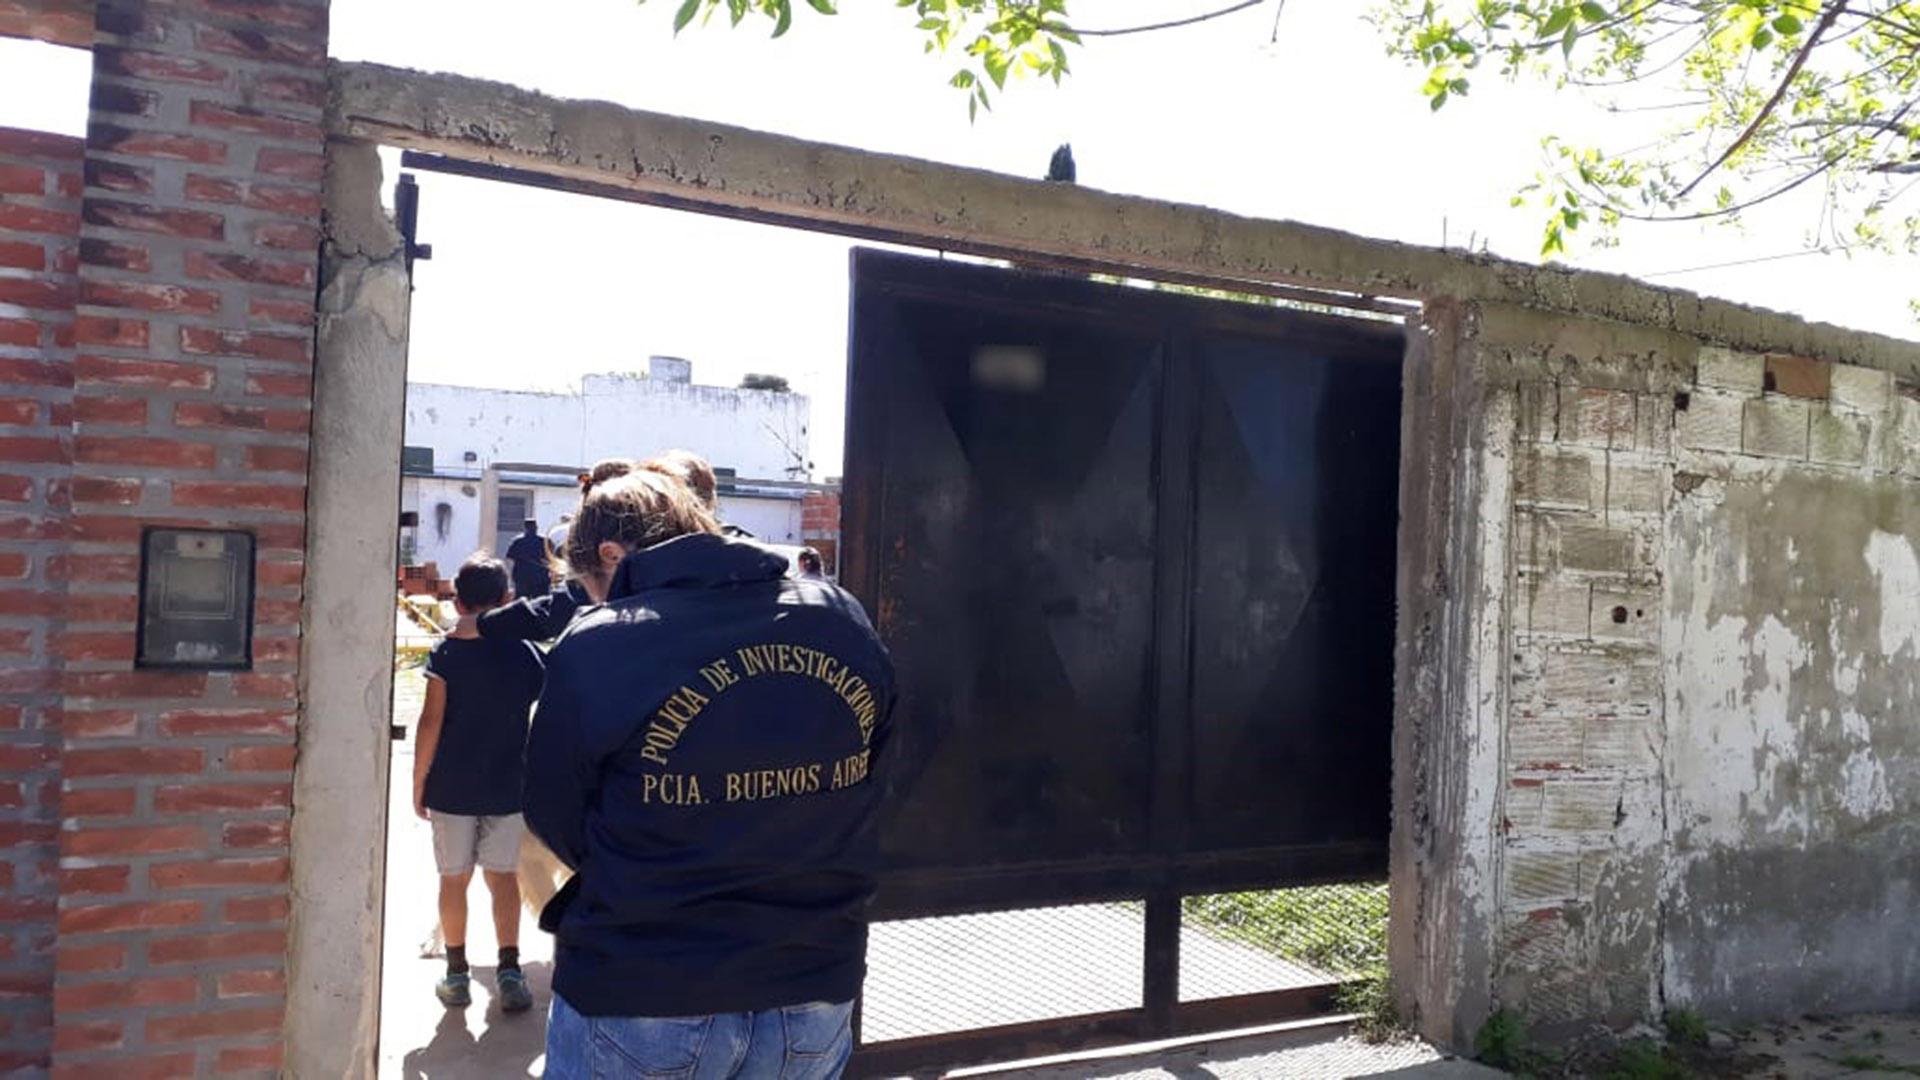 La casa de Landivar fue allanada en la mañana del sábado: se secuestró un arma con municiones y guantes de látex